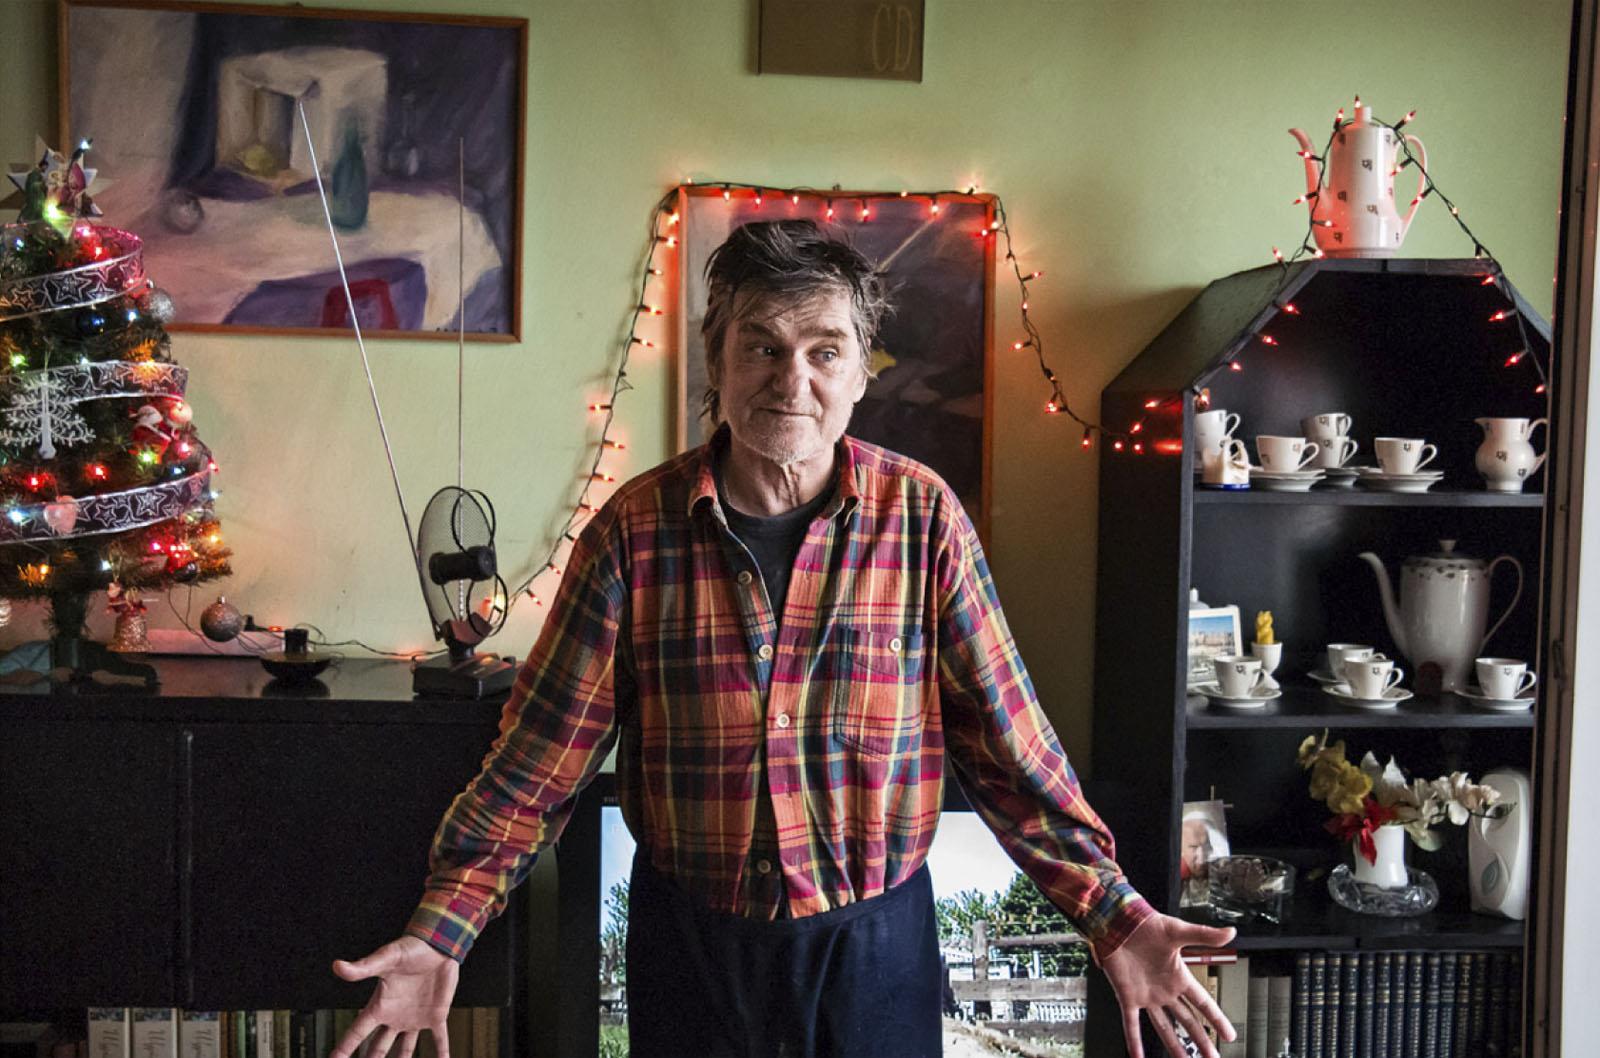 Andrzej Biel w swoim mieszkaniu udekorowanym jeszcze z okazji Świąt Bożego Narodzenia, Radom, 10 stycznia 2015 roku (źródło: materiały prasowe organizatora)